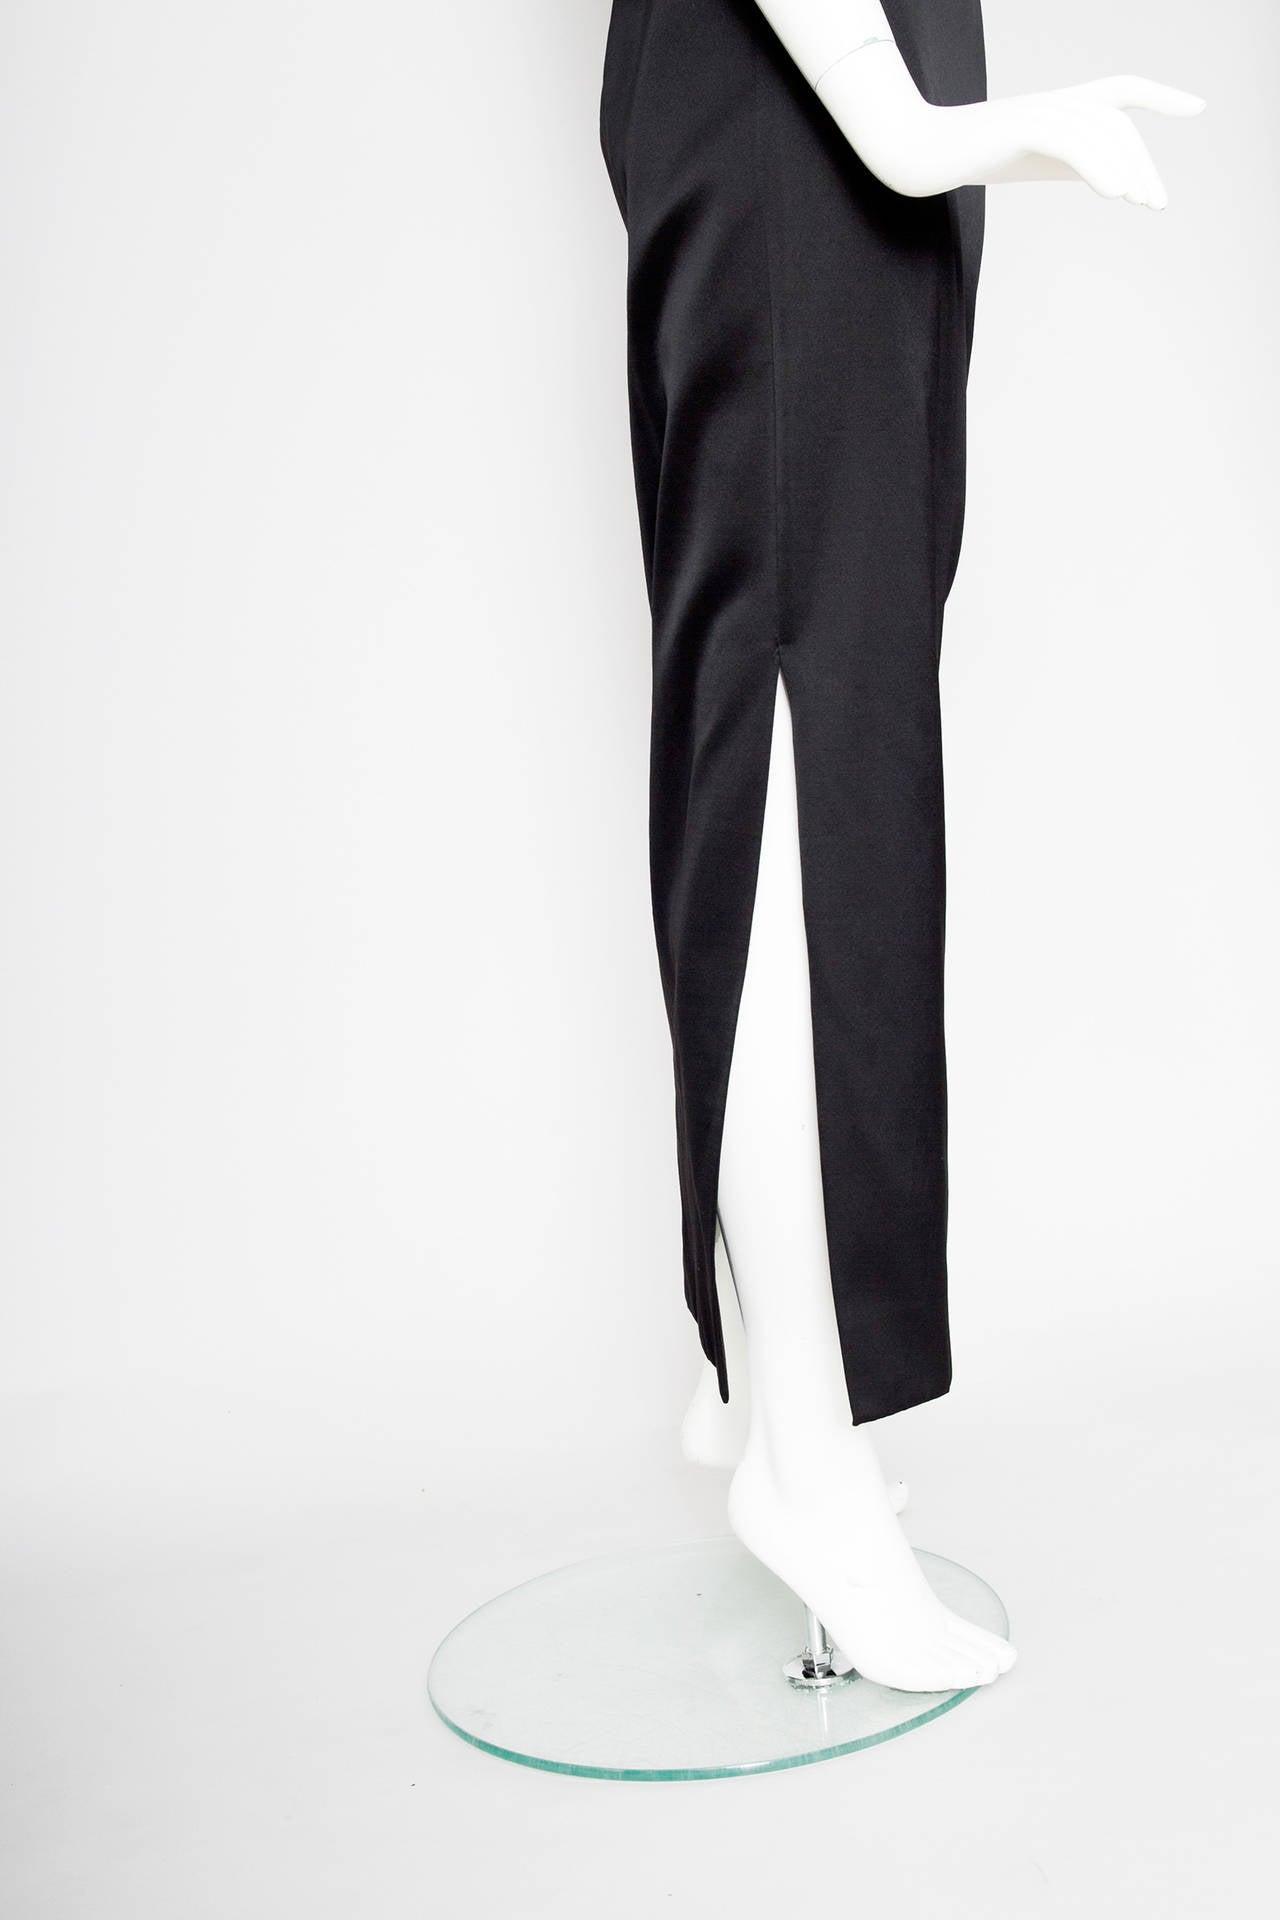 1990s Yves Saint Laurent Black Silk Satin Evening Skirt For Sale 1